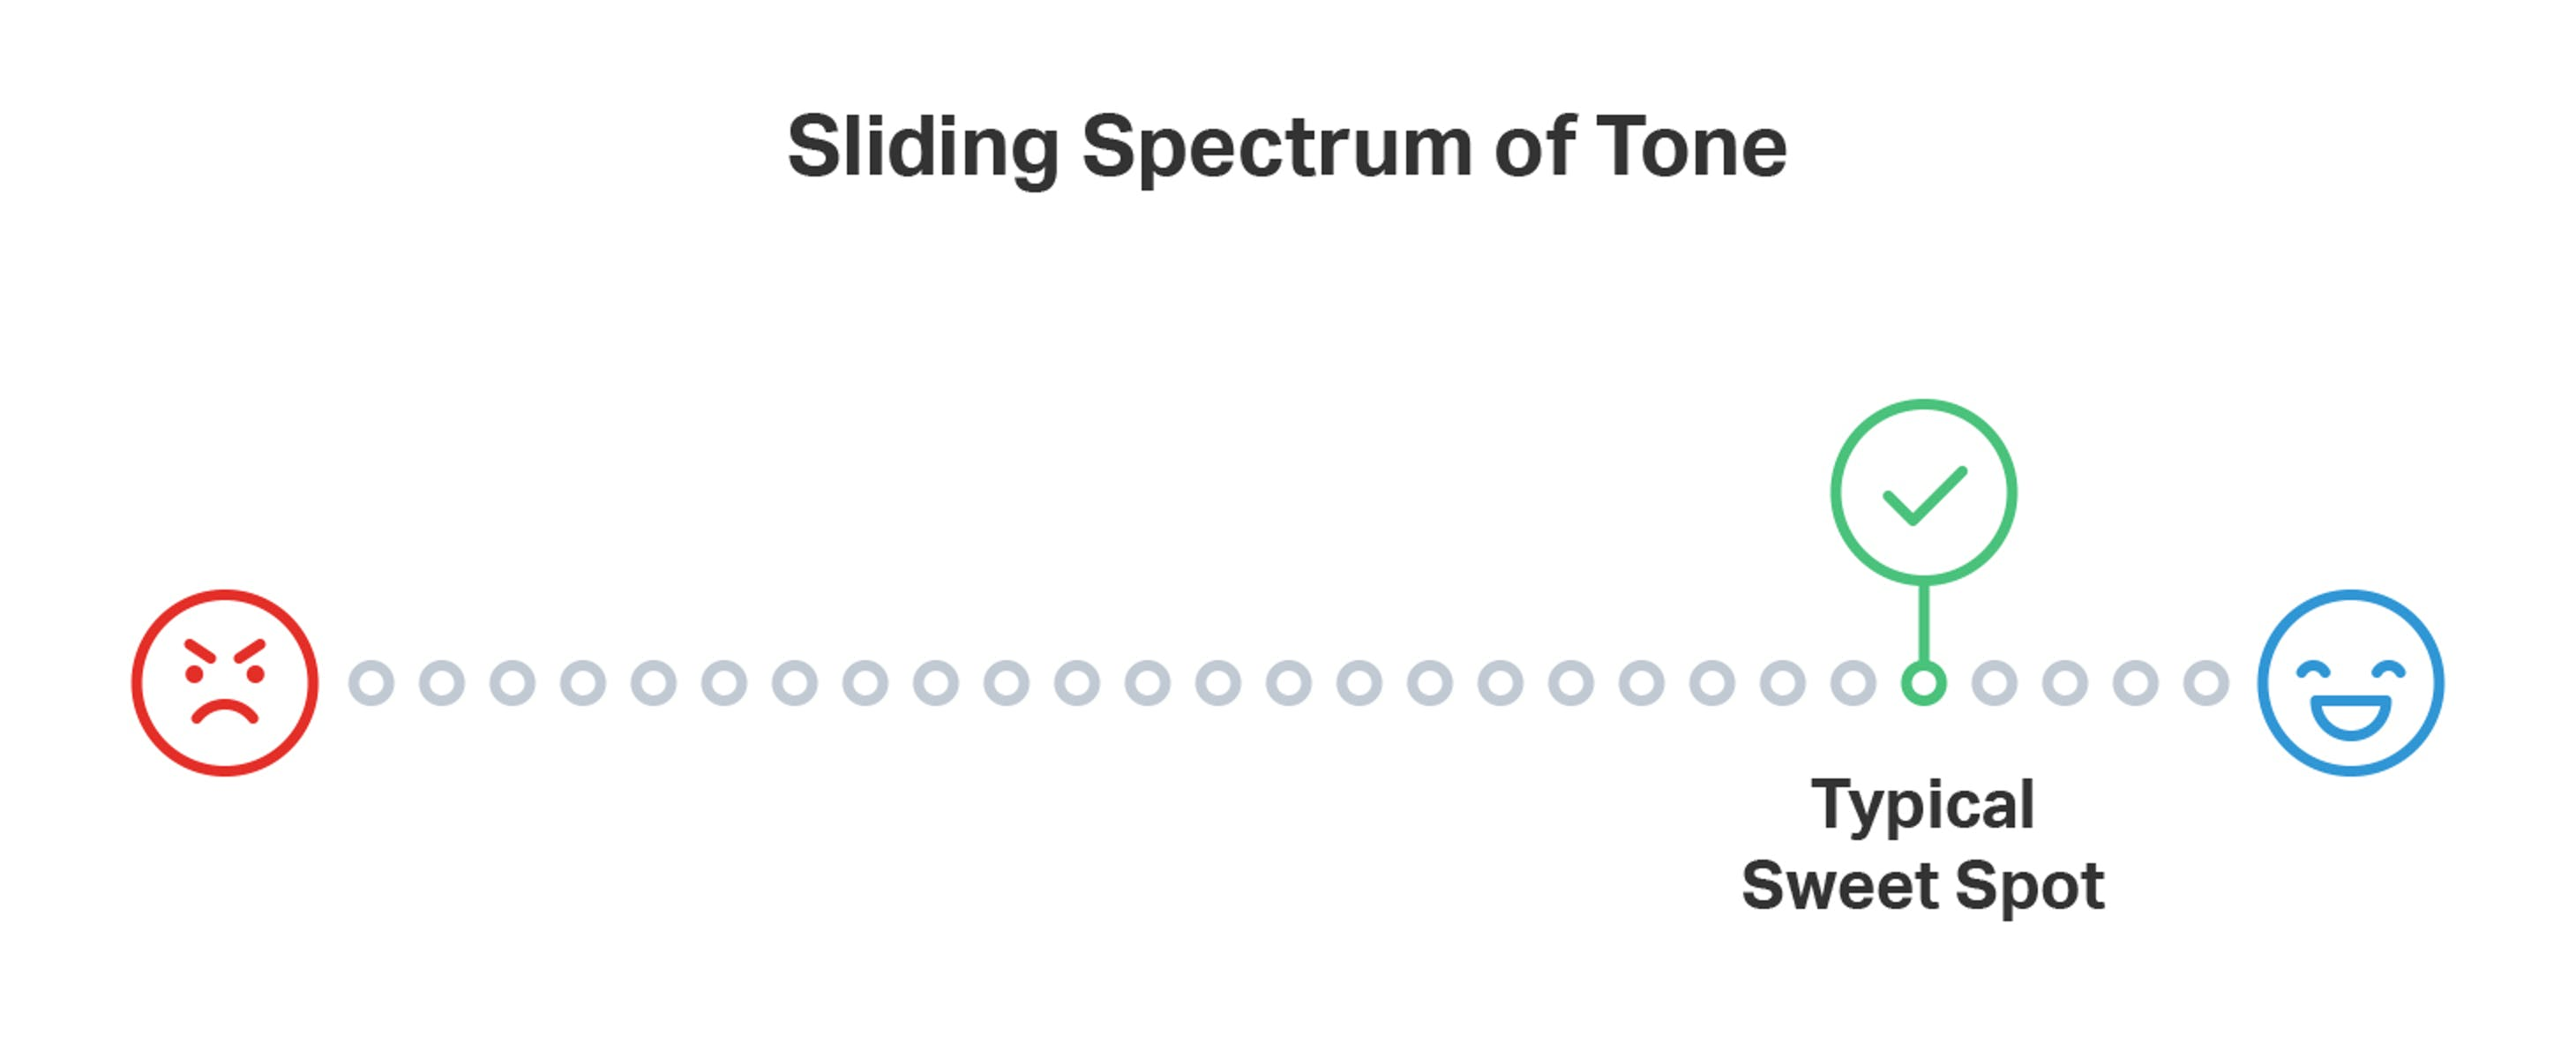 Spectrum of tone